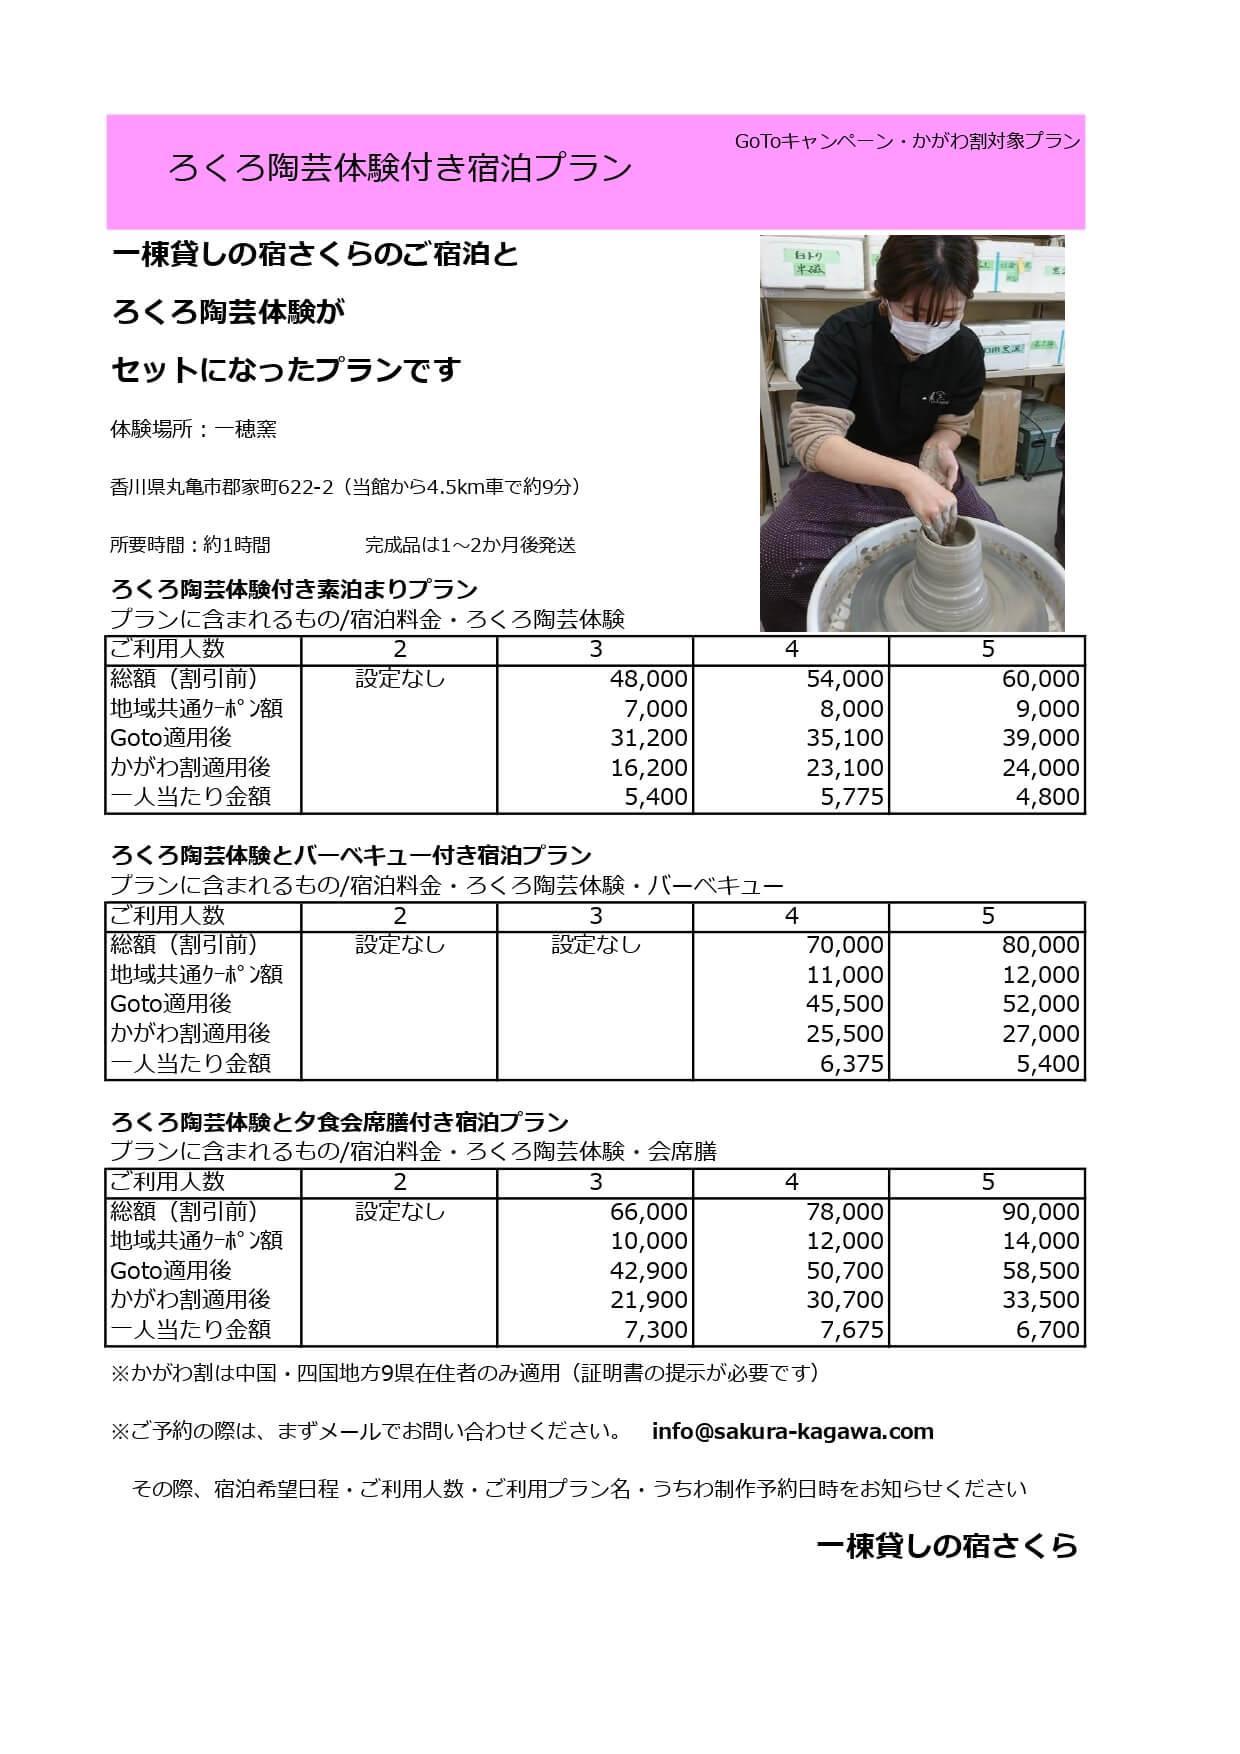 ろくろ陶芸体験付き宿泊プラン_20201117